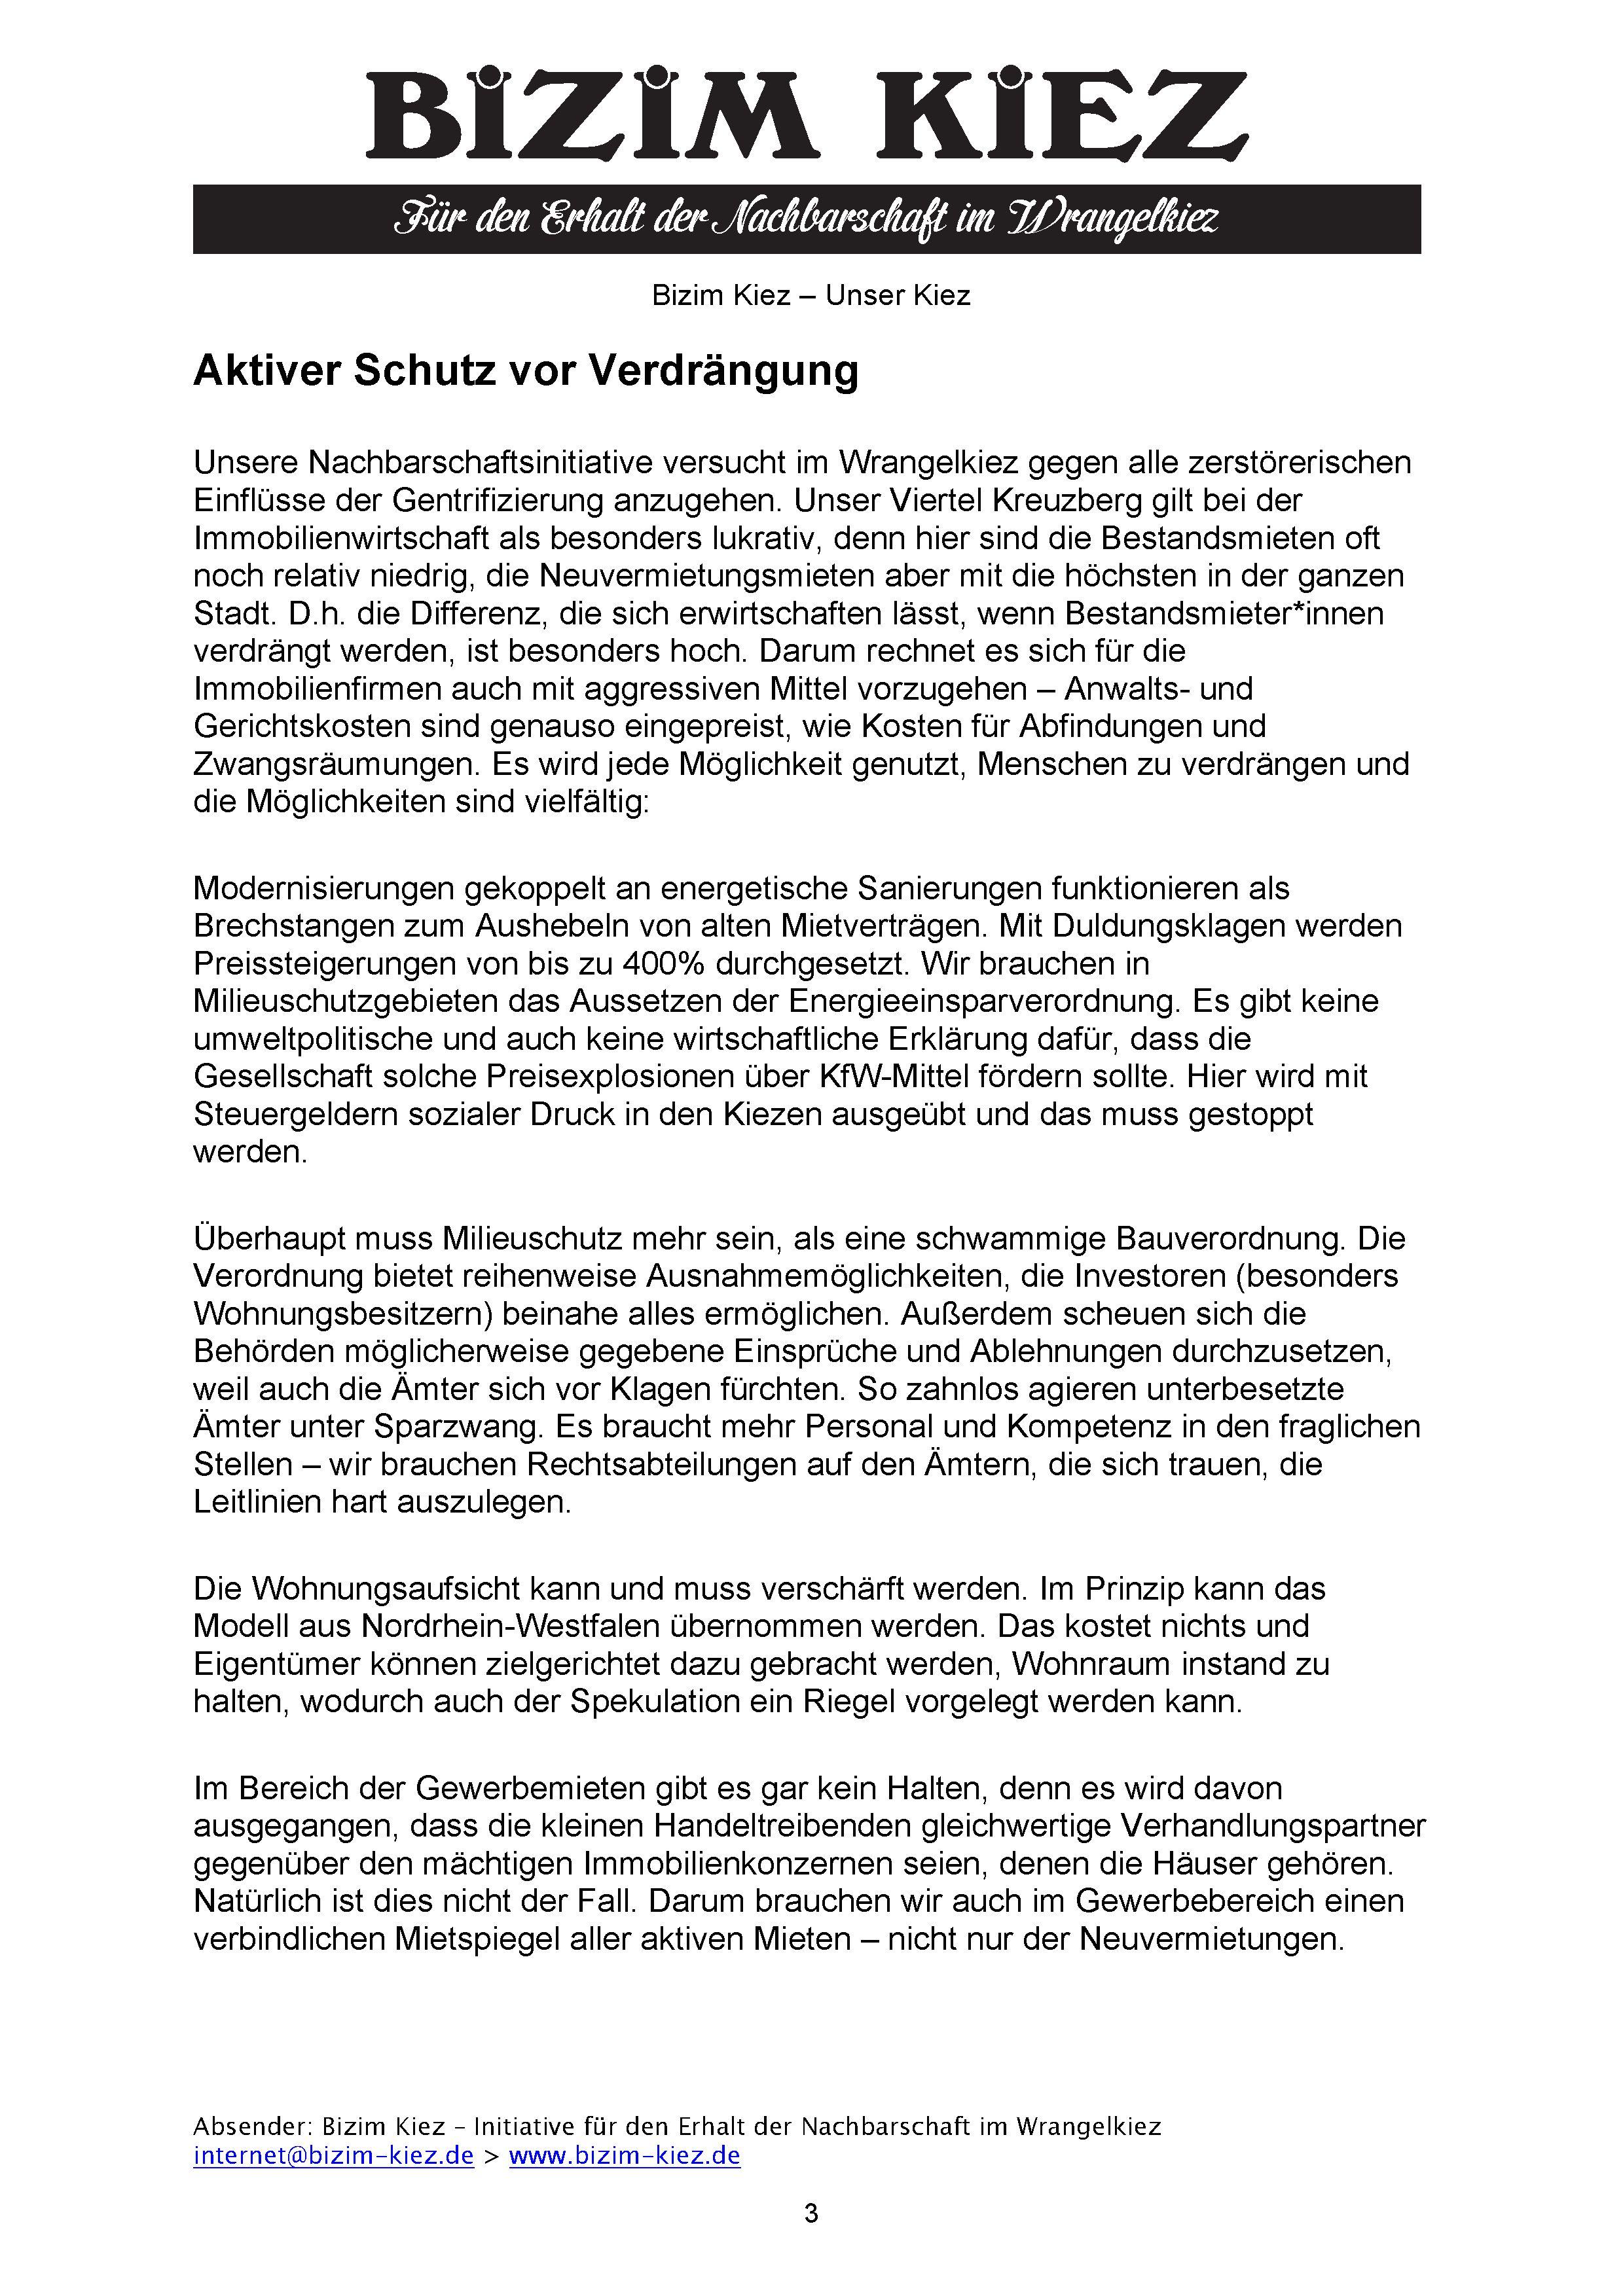 stadtpolitisches_hearing_021116_pressemappe_04